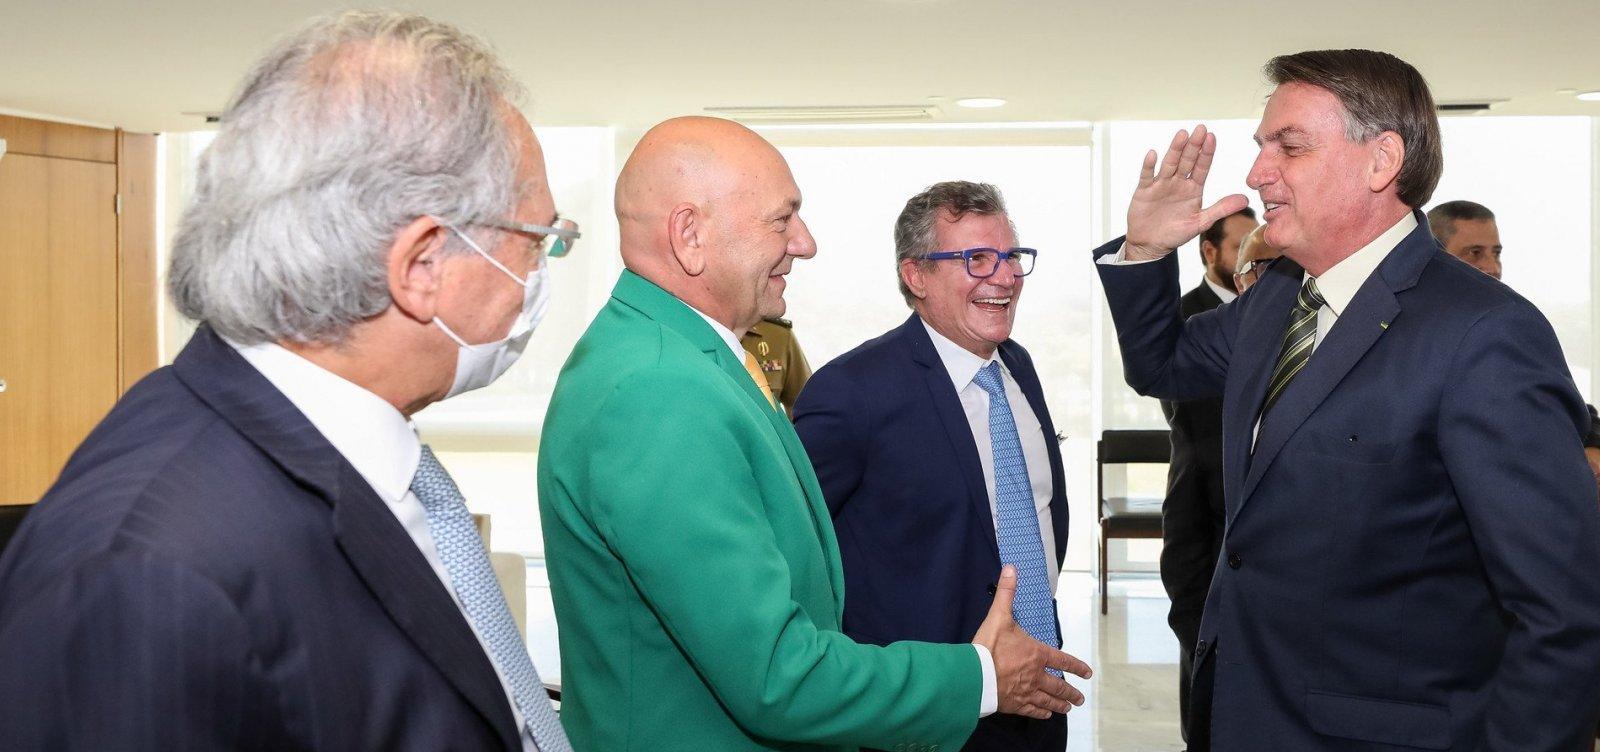 [Empresários ligados a Bolsonaro cometeram manobras tributárias, aponta Receita Federal]